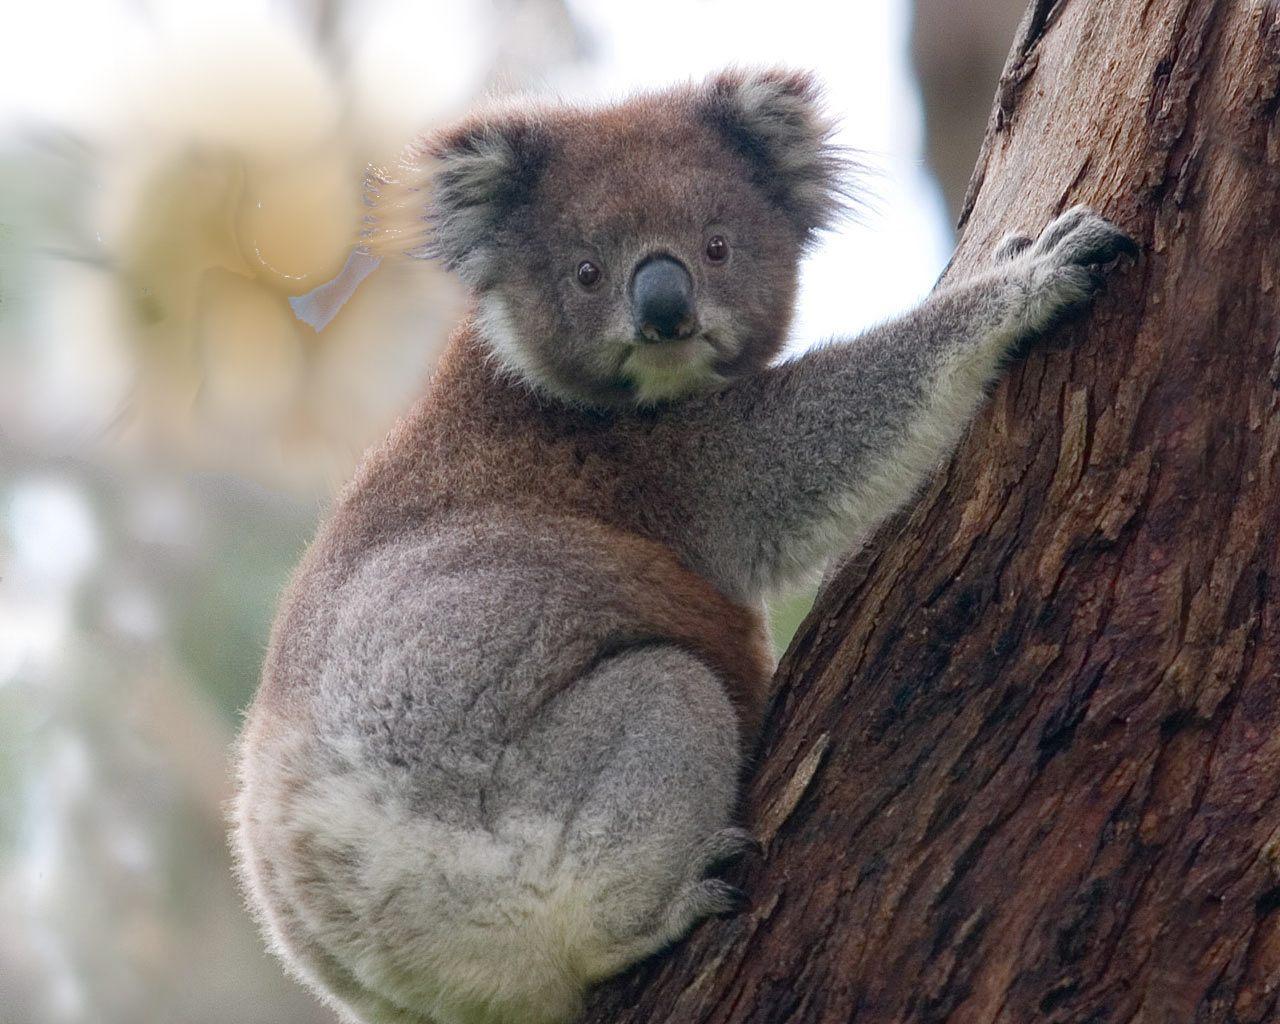 Baby Koala Climbing on tree 1280x1024